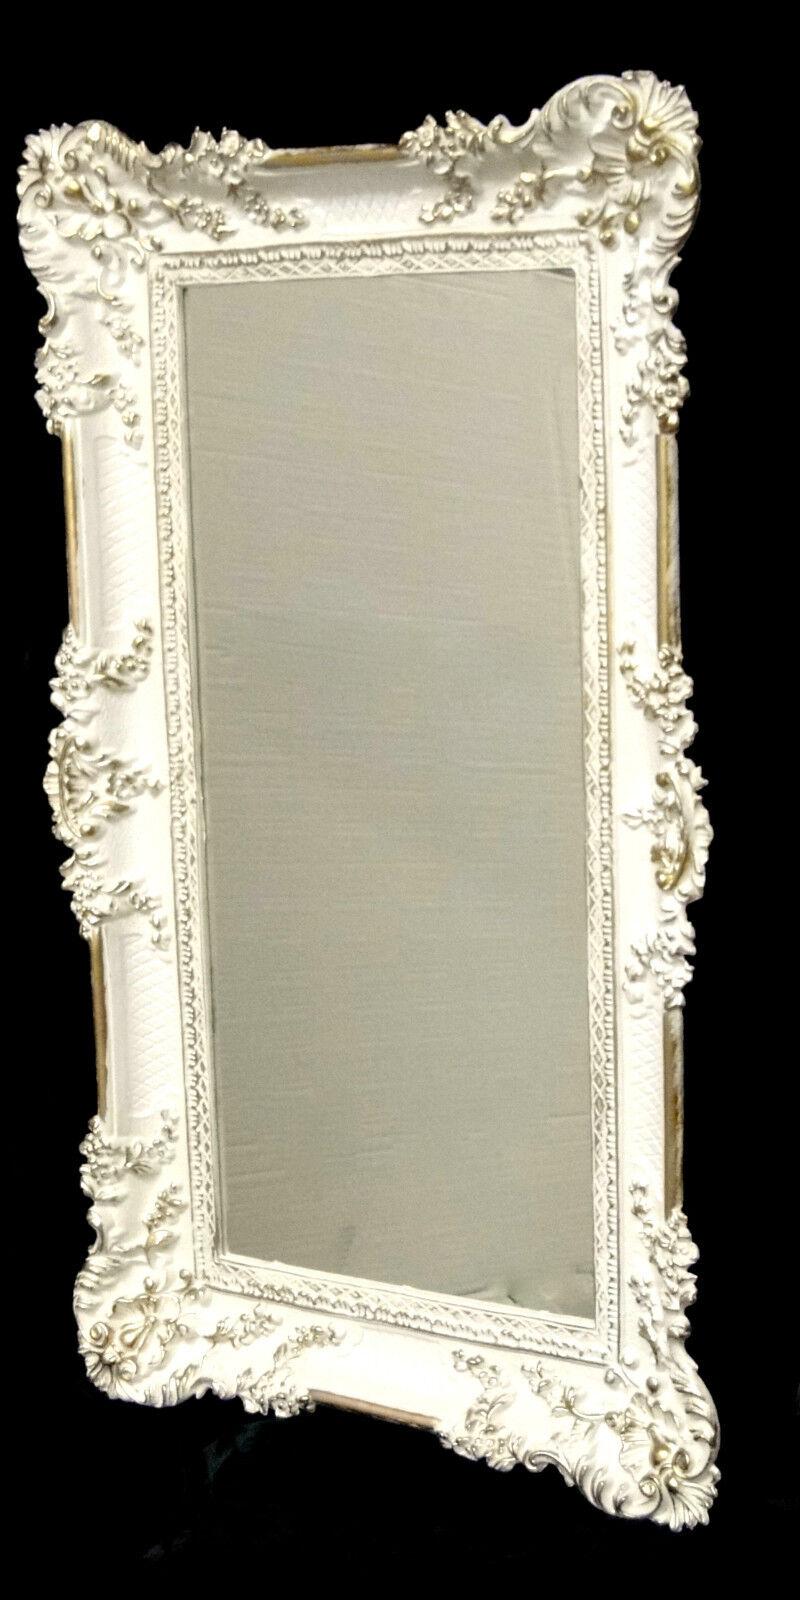 picture frame antique gold wedding frame baroque 96x57. Black Bedroom Furniture Sets. Home Design Ideas